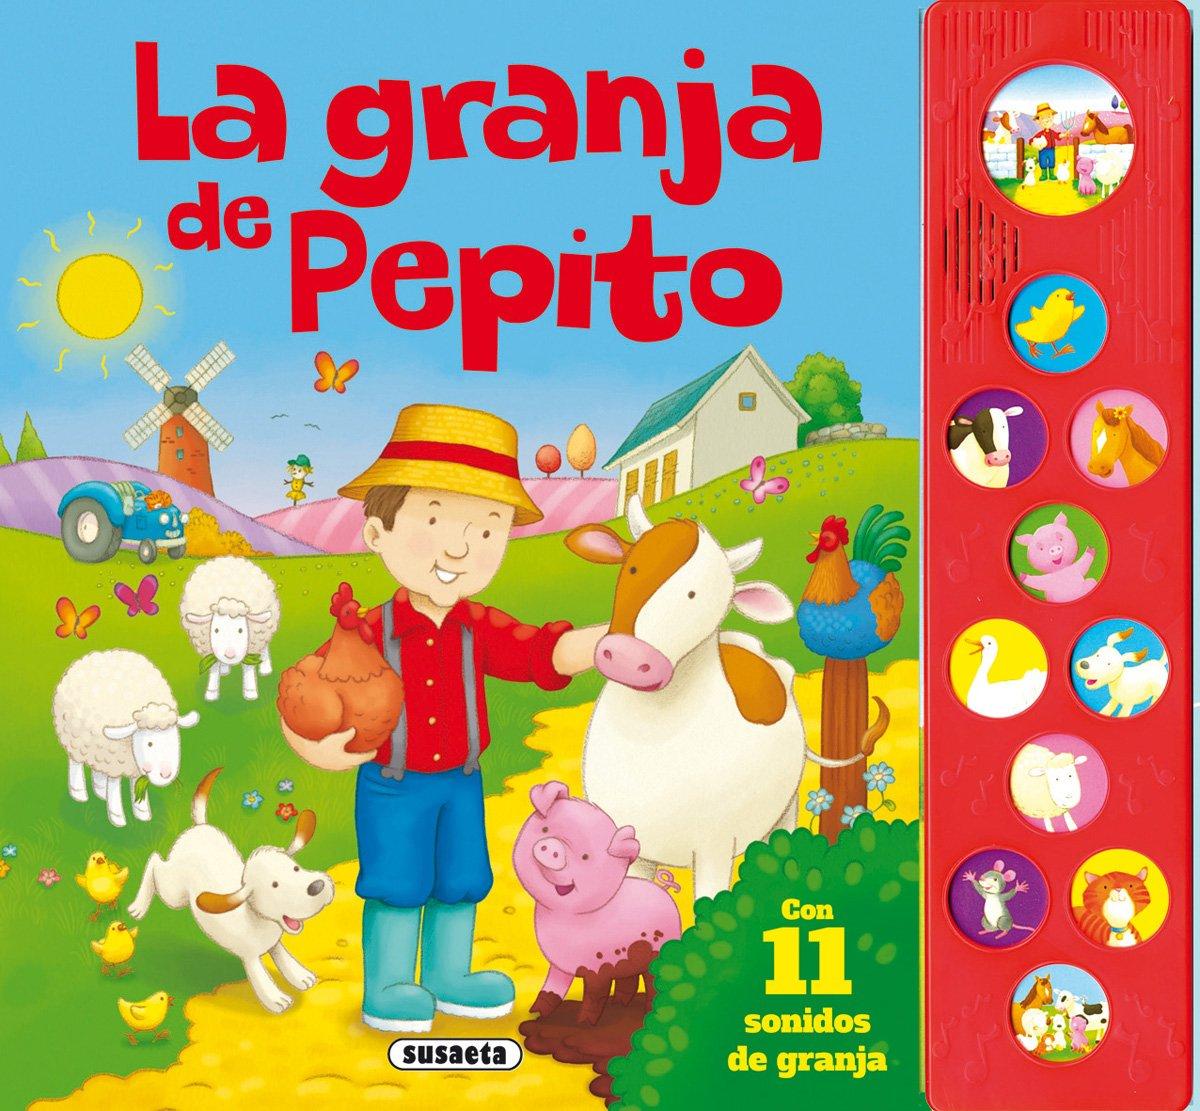 La granja de Pepito (Pulsa y canta): Amazon.es: Susaeta Ediciones S A: Libros